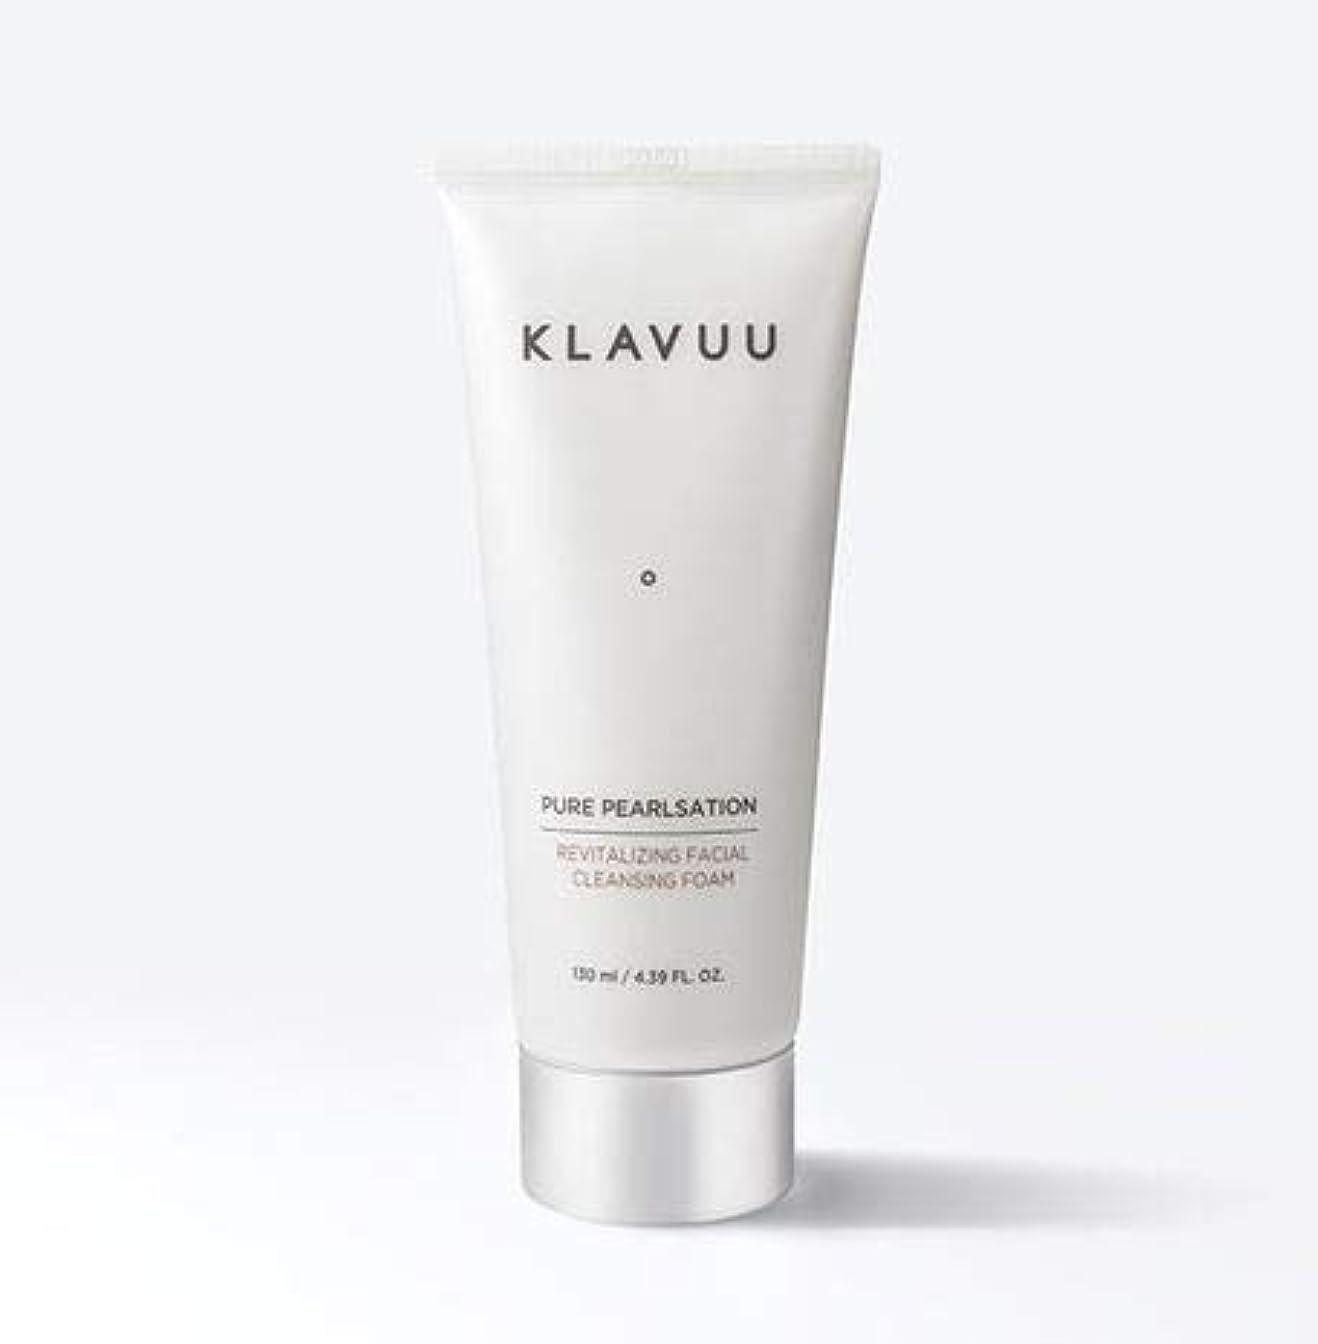 セッション文法から[ Klavuu ] PURE PEARLSATION Revitalizing Facial Cleansing Foam /[クラビュー ] ピュア パールセ―ション リバイタライジング フェイシャル クレンジング...